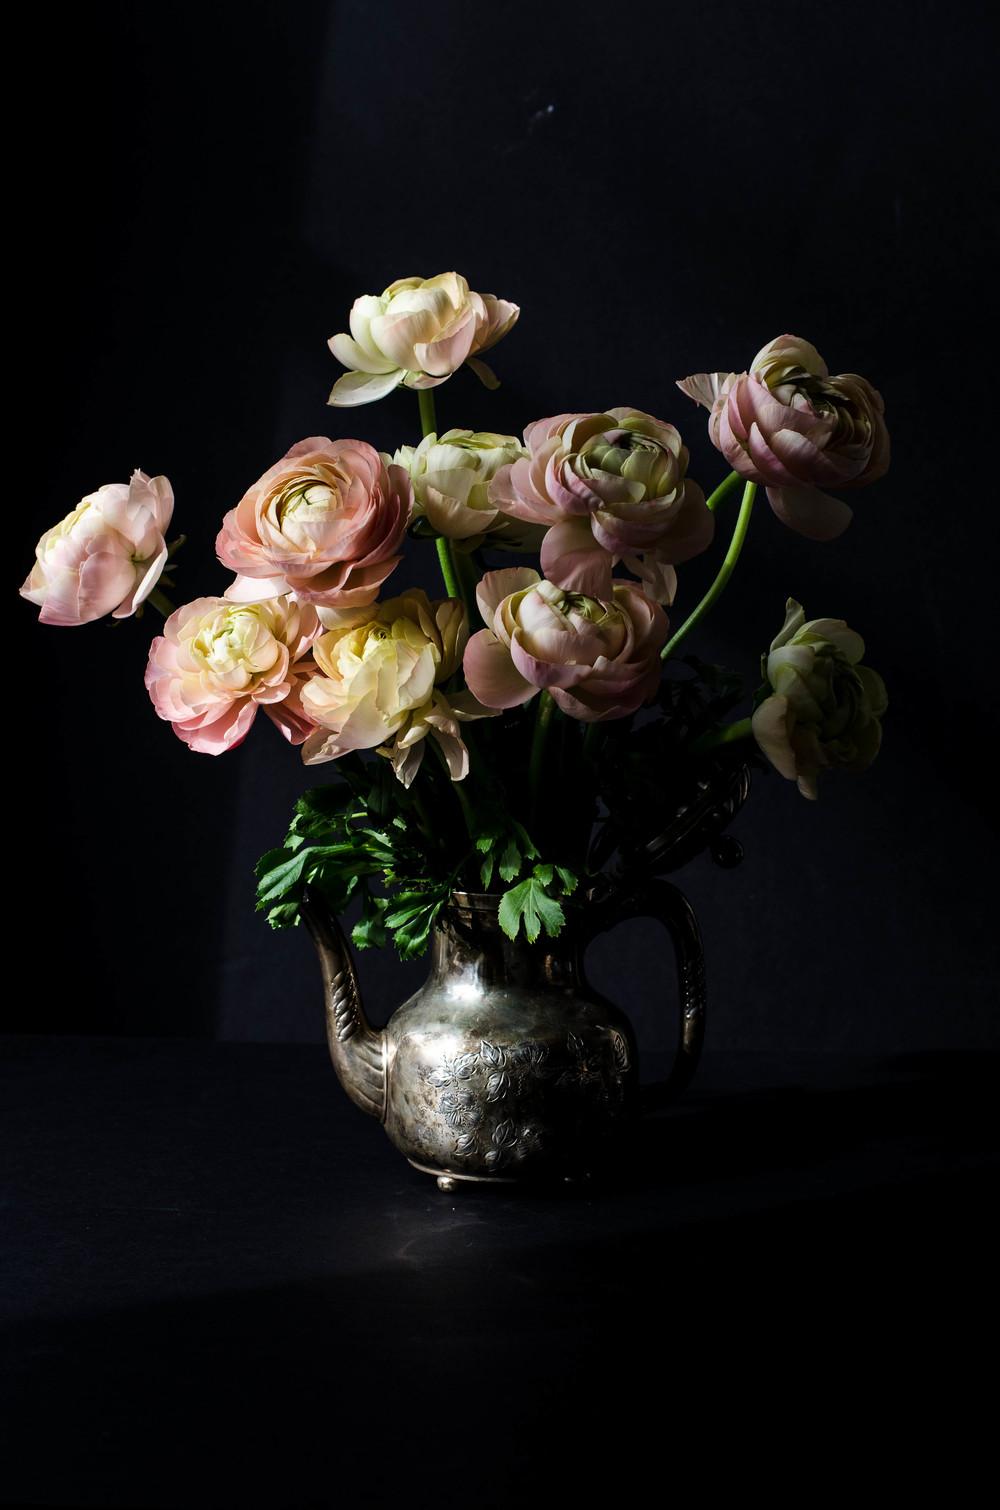 'Pastel Grand' Ranunculus